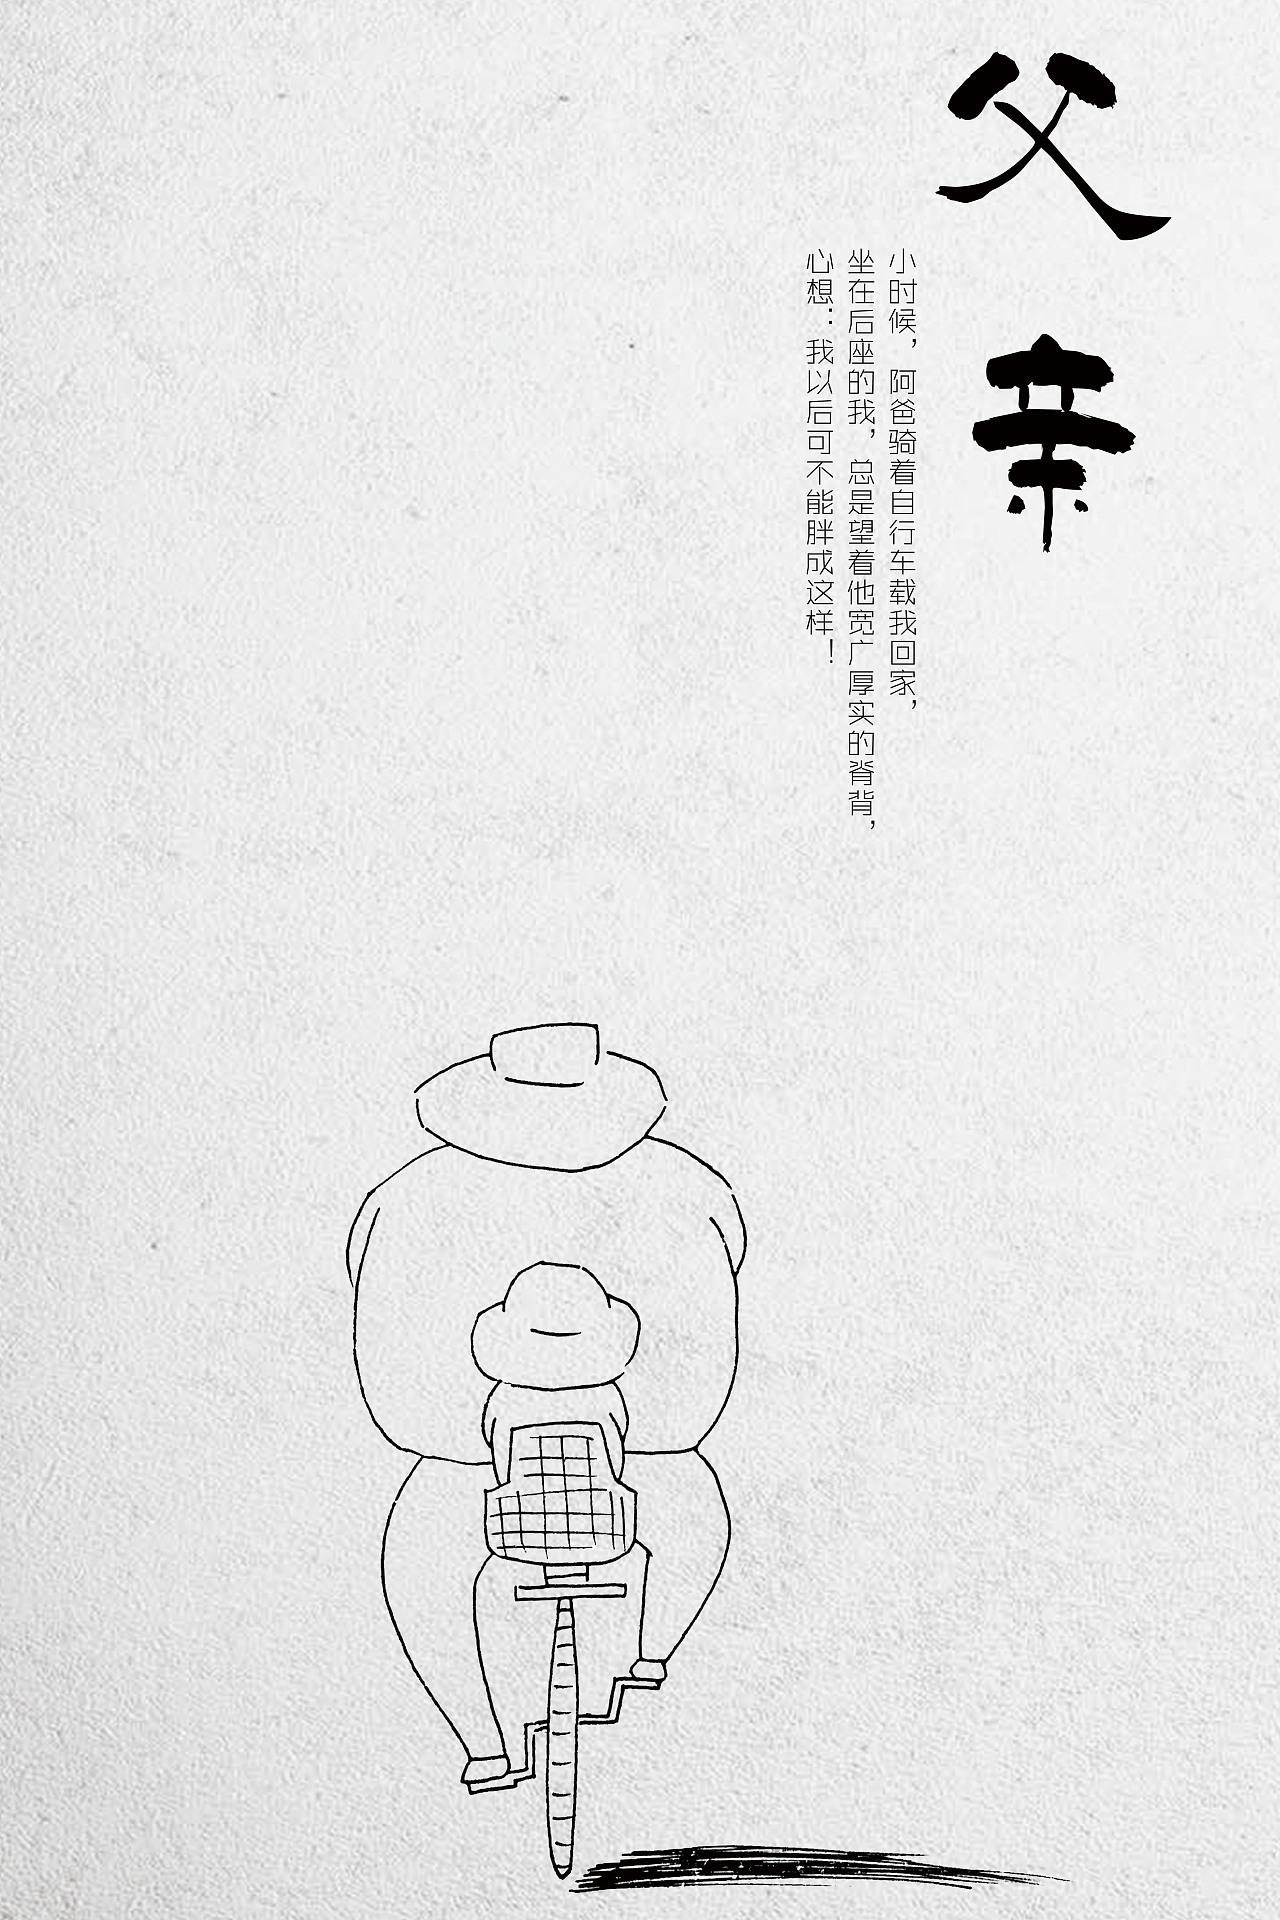 父亲节黑白手绘极简海报